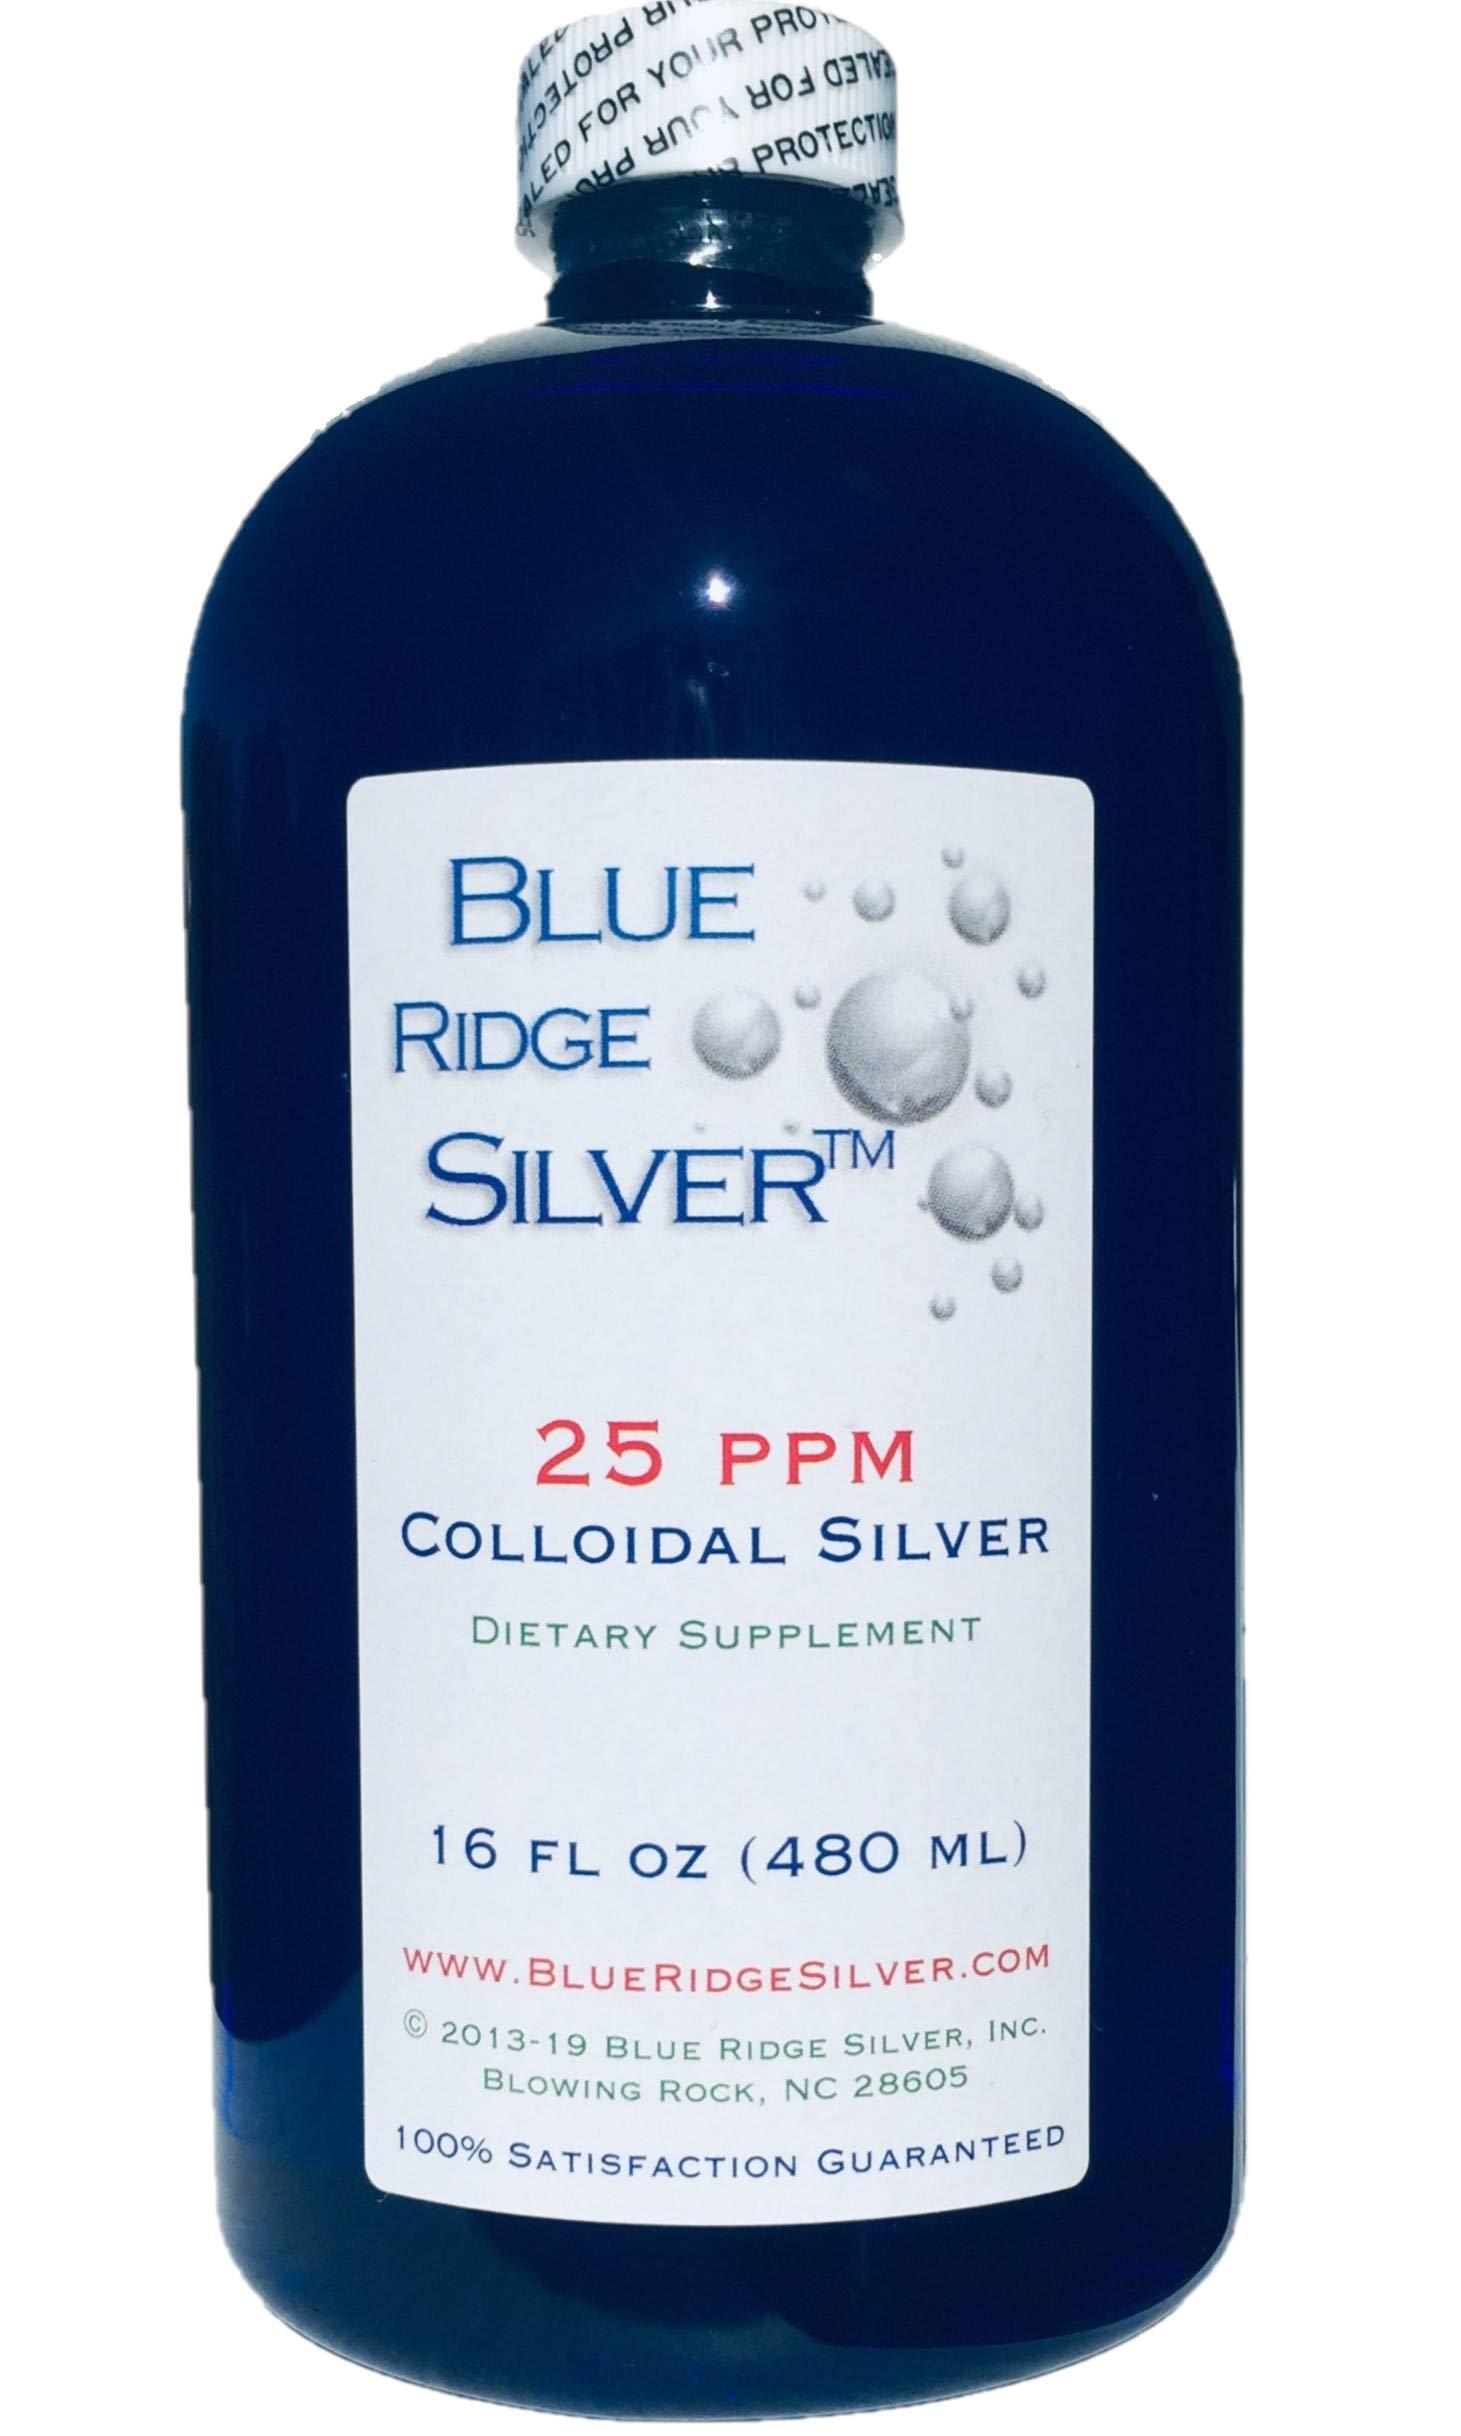 Blue Ridge Silver 25 ppm 16 oz Colloidal Silver by Blue Ridge Silver